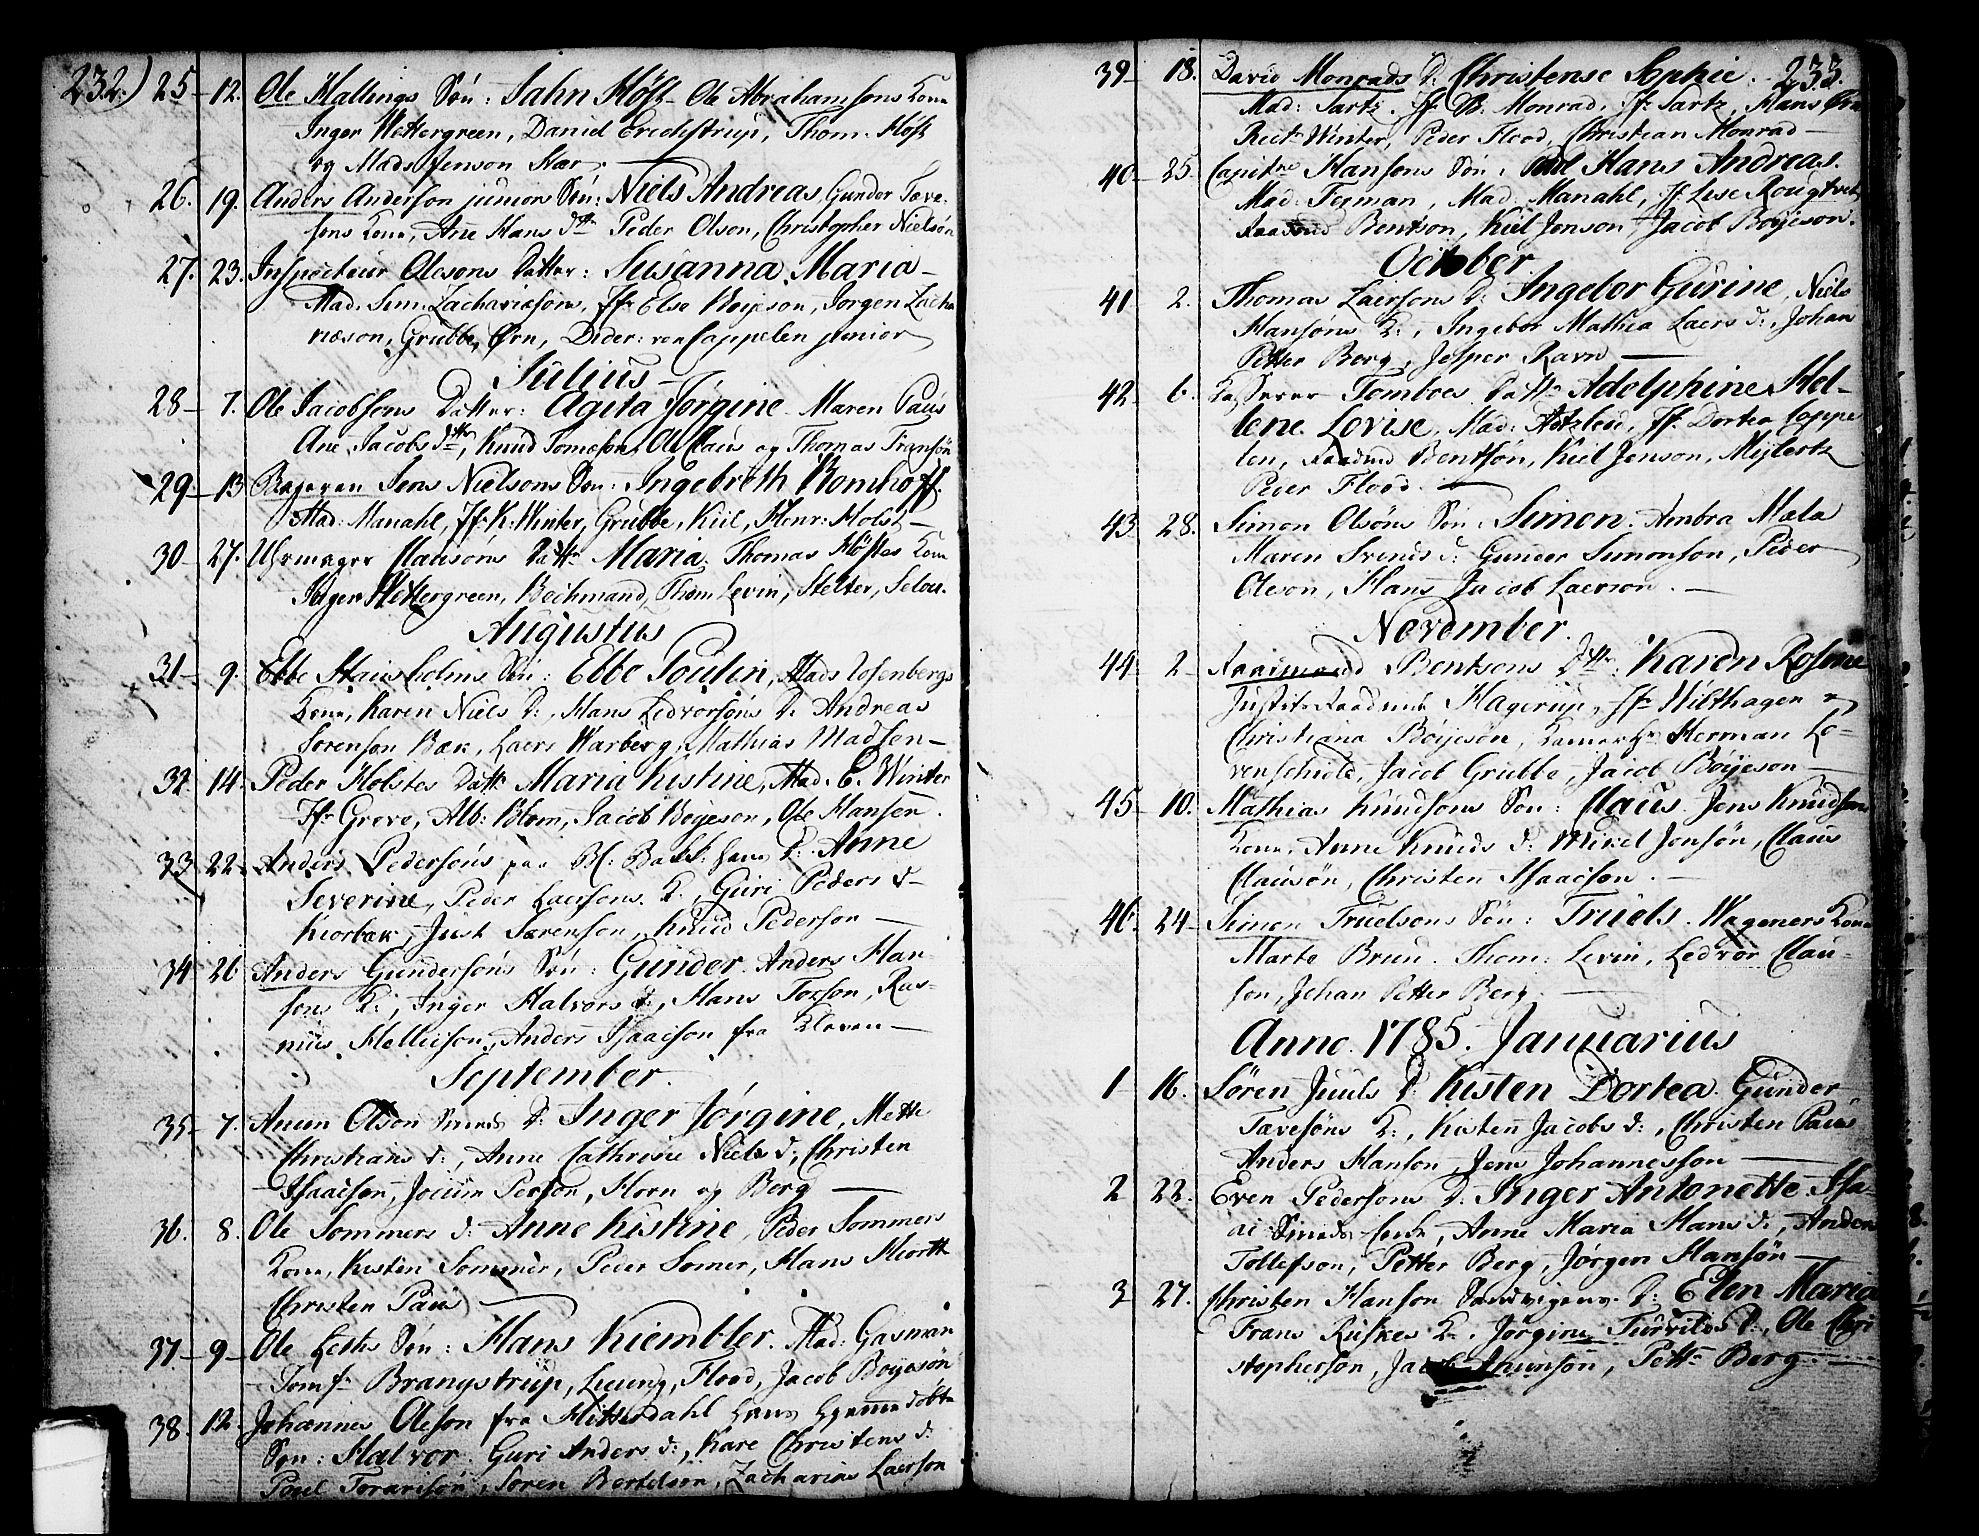 SAKO, Skien kirkebøker, F/Fa/L0003: Ministerialbok nr. 3, 1755-1791, s. 232-233